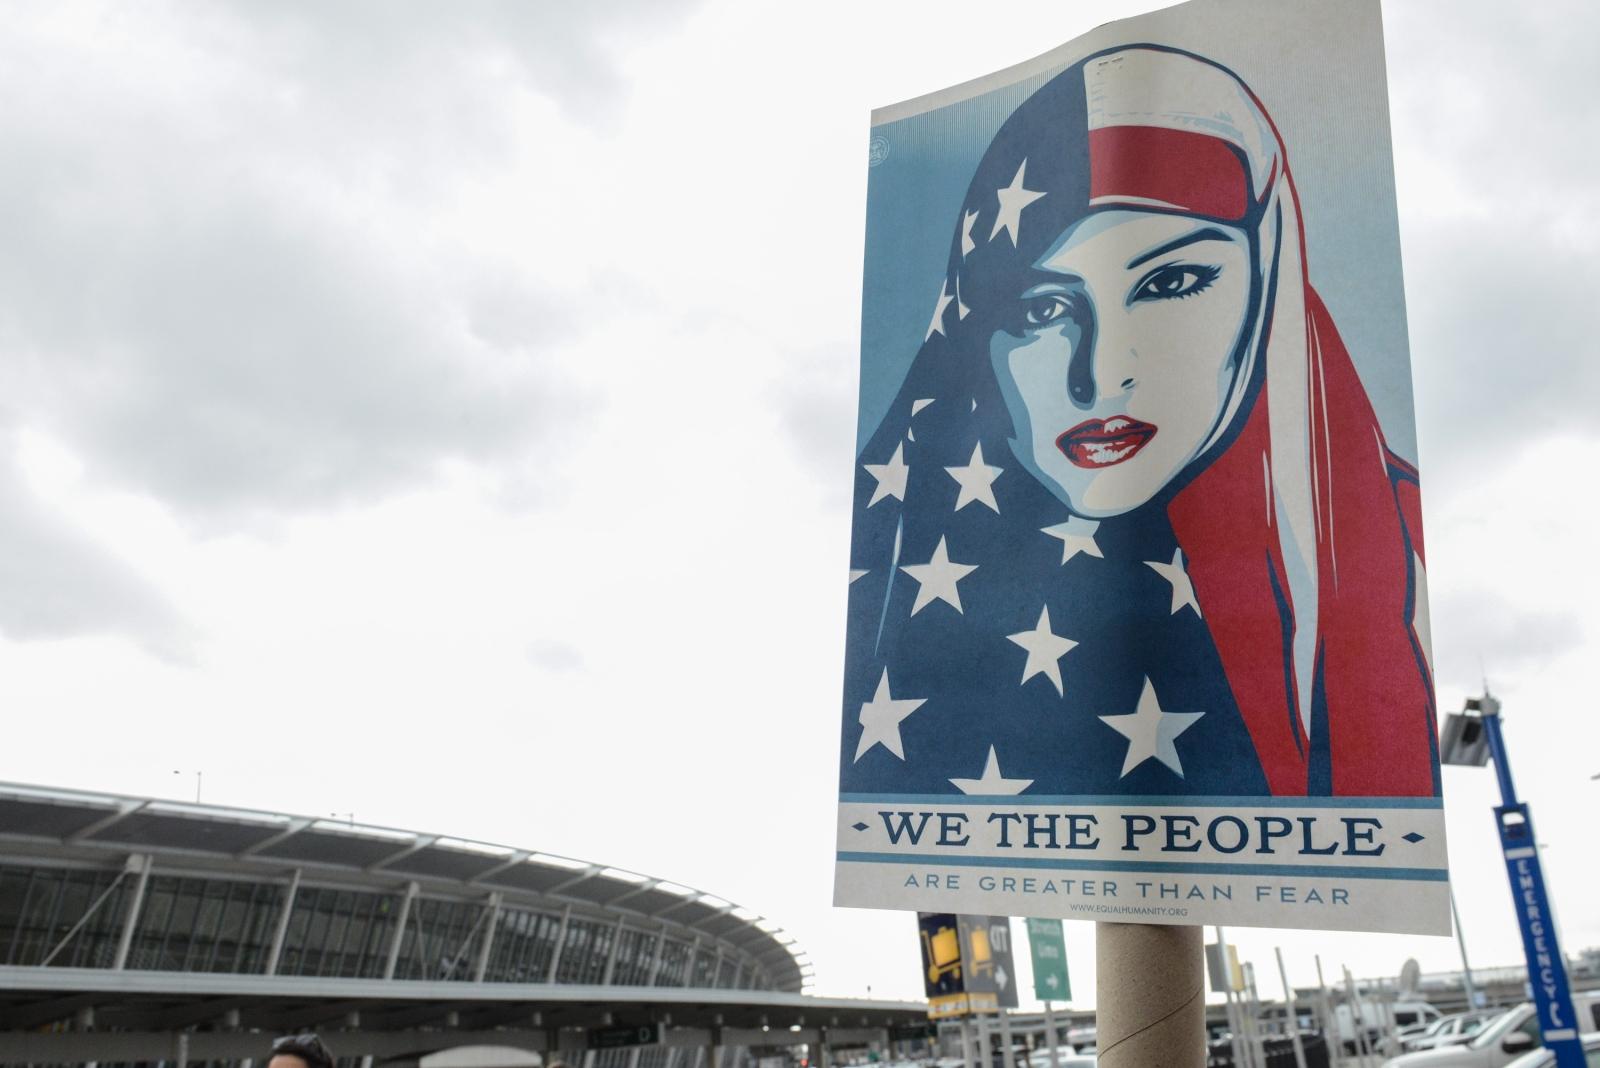 Trump immigration ban